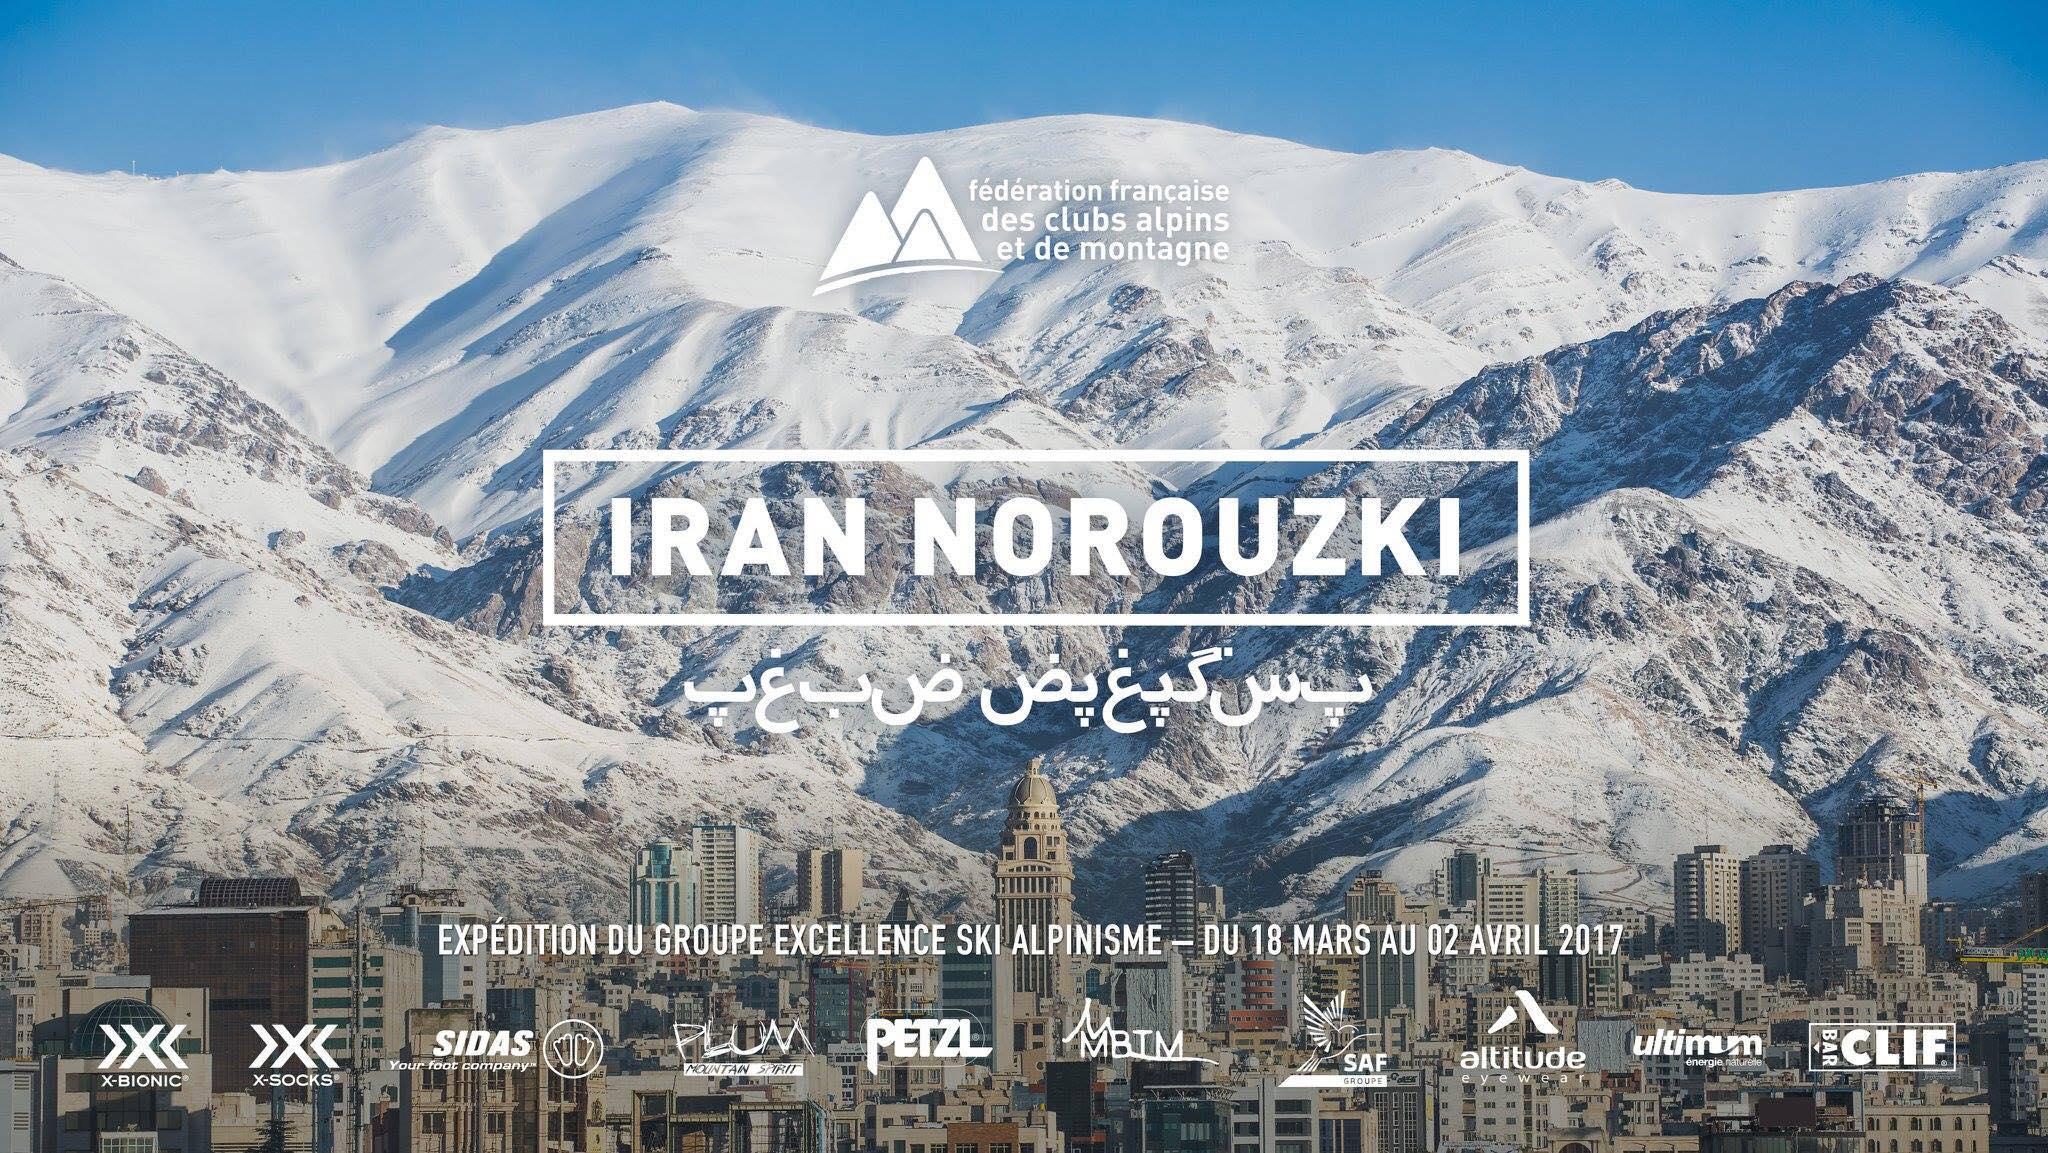 SKI en IRAN Expedition en ski de randonnee Iran nourouski https://pasquedescollants.com blog montagne et sport outdoor